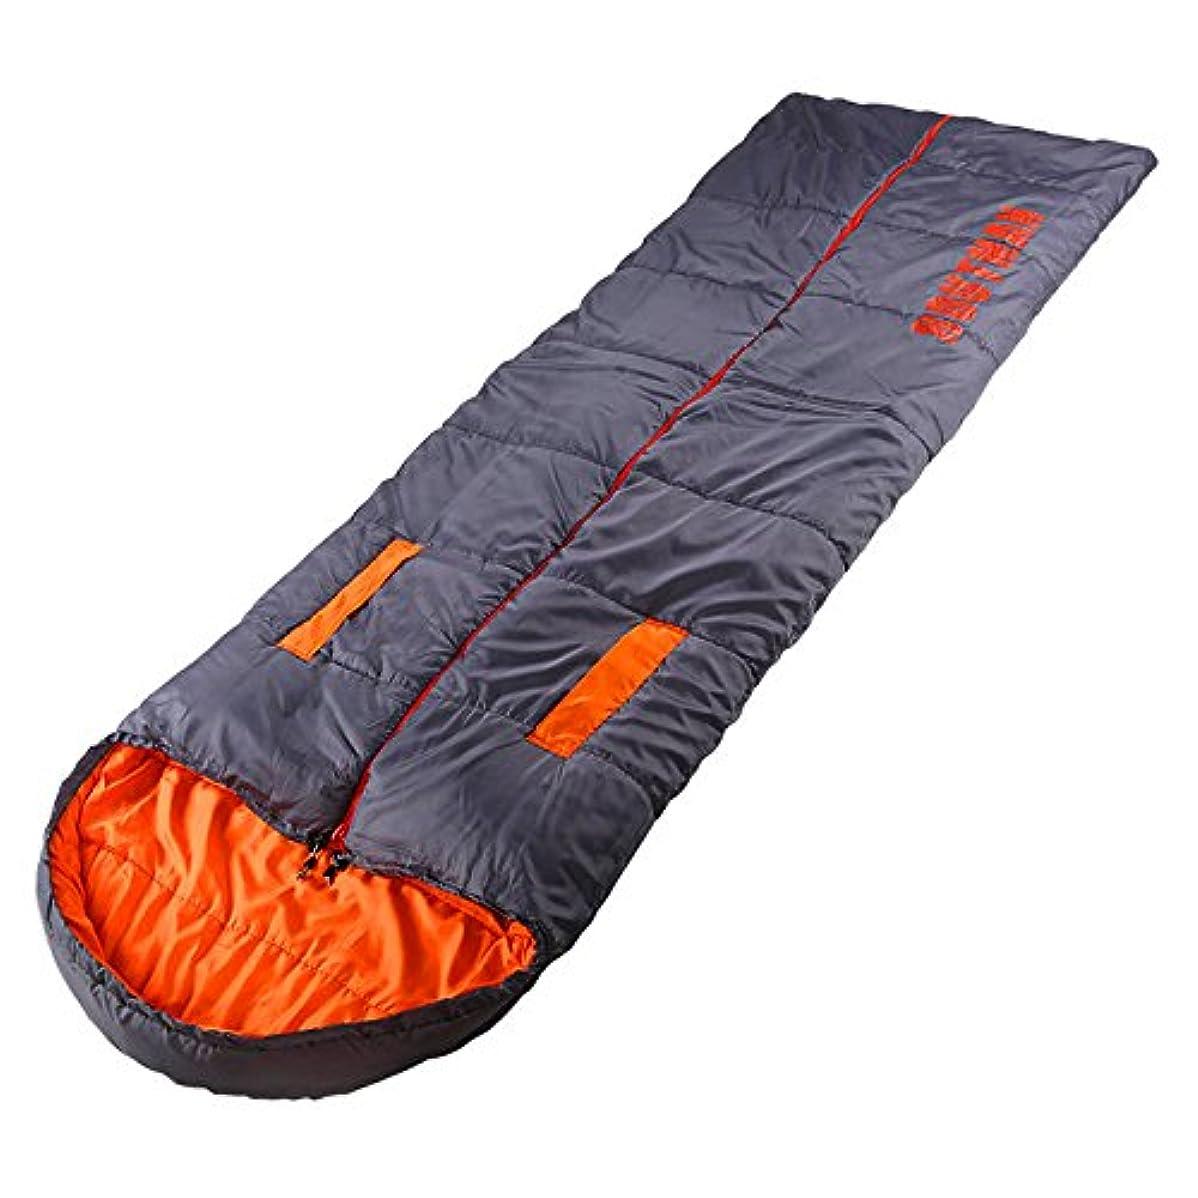 包括的ええ学期Waterly 二重寝袋暖かい寝袋綿の寝袋屋外のキャンプに適し品質保証 顧客に愛されて